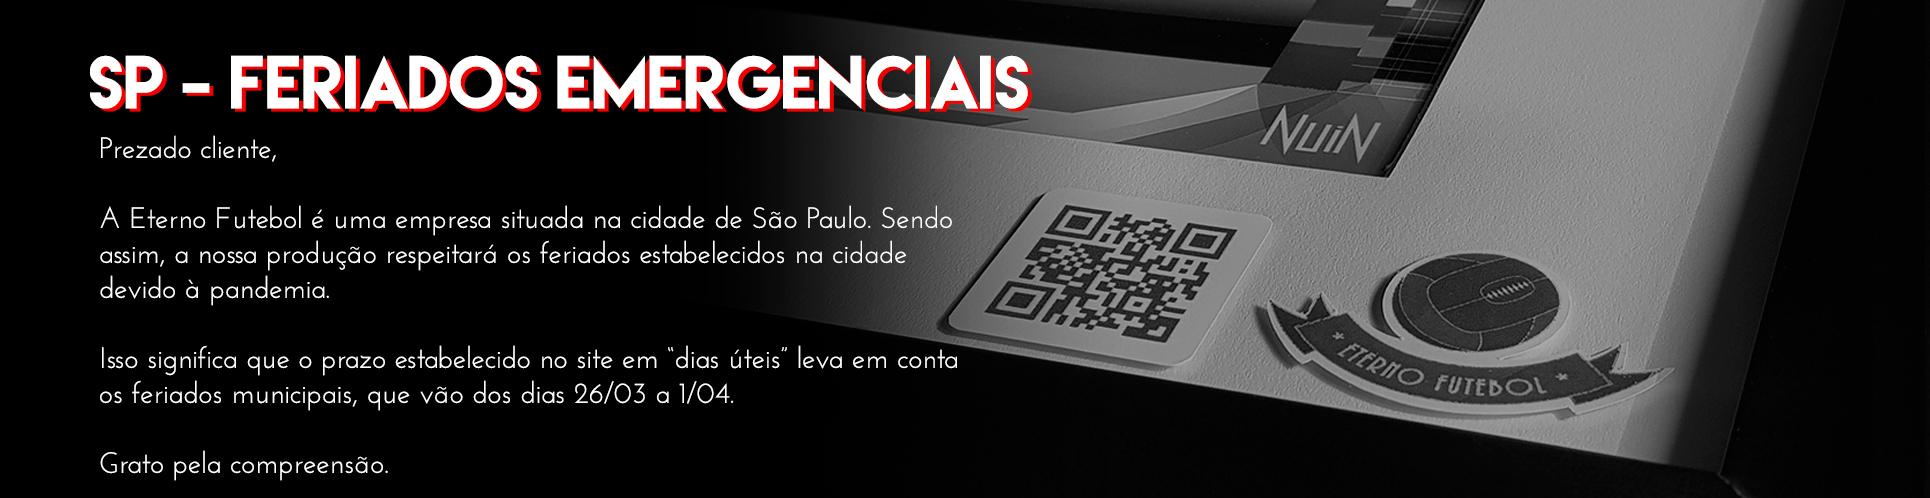 SP Feriados emergenciais